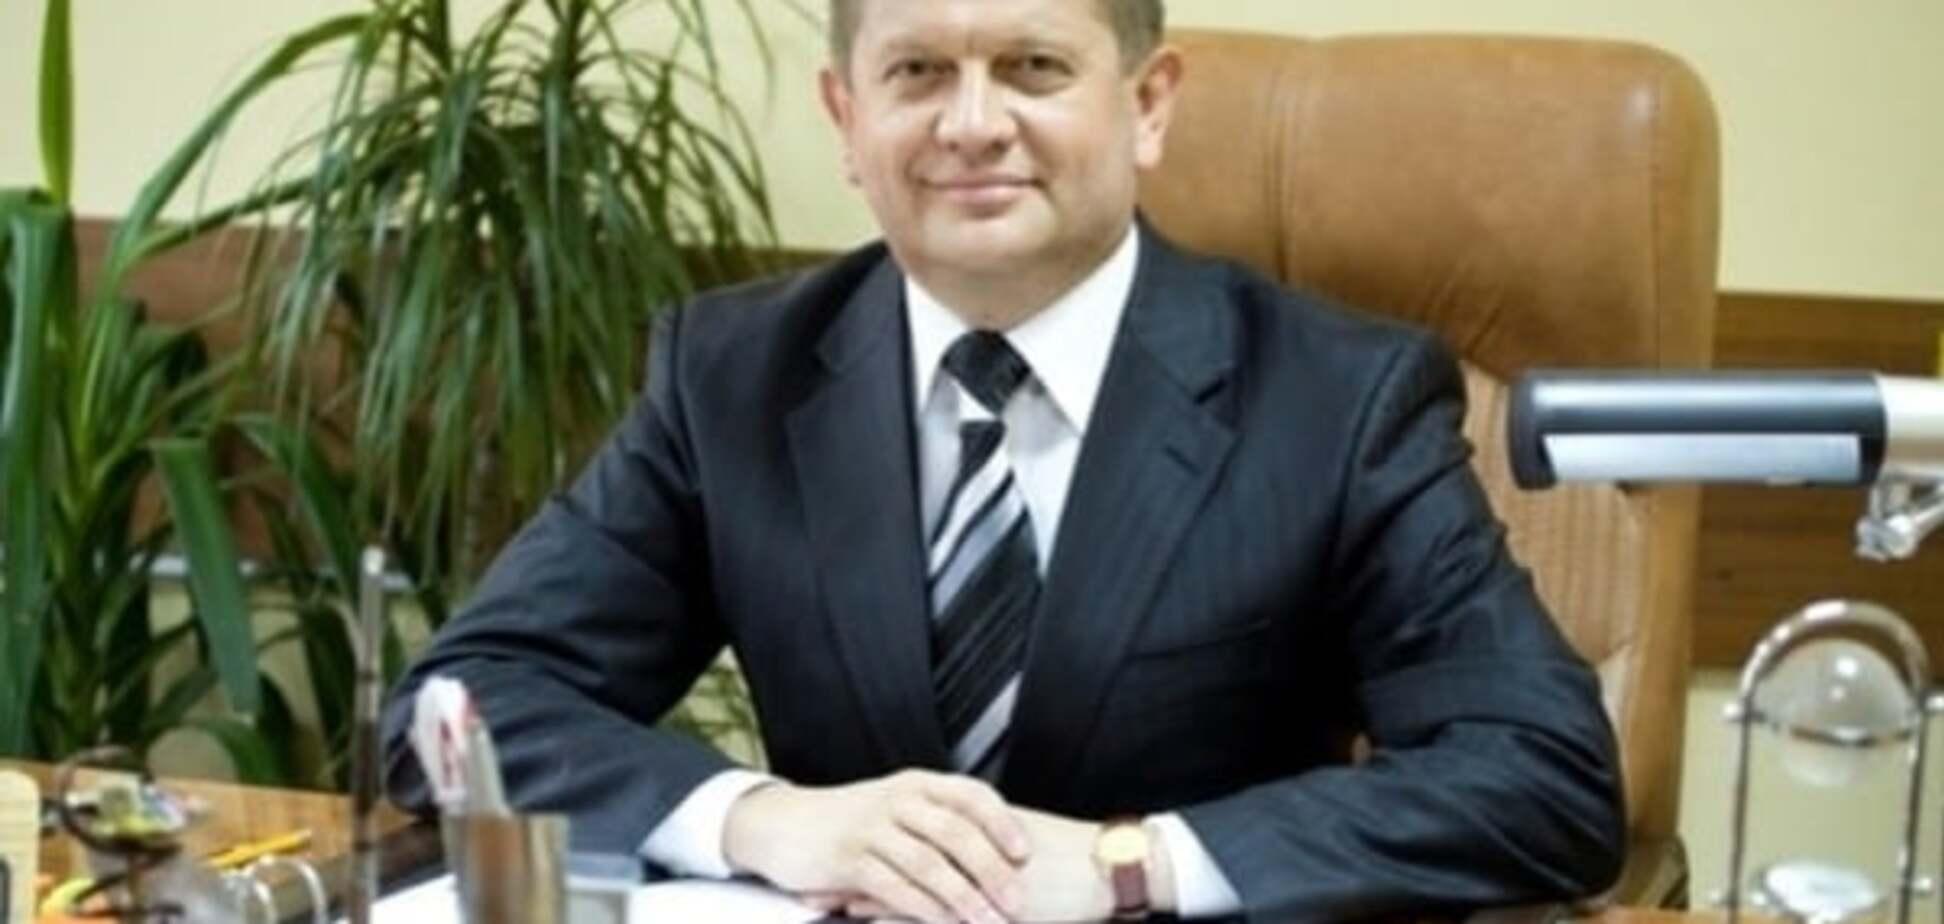 Пакує валізи: Тука підтвердив, що 'ЛНРівця' Малиша можуть призначити в Луганську ВЦА